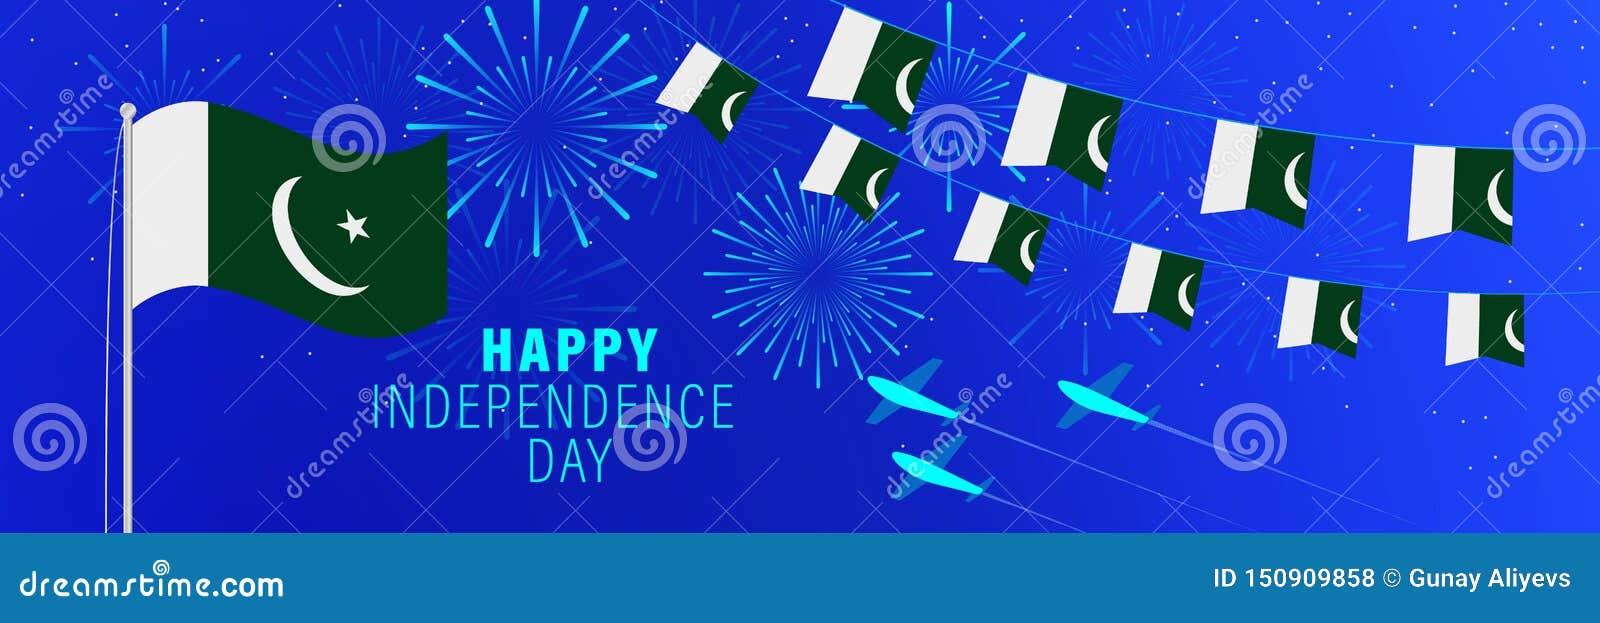 美国独立日8月14日巴基斯坦贺卡 与烟花、旗子、旗杆和文本的庆祝背景